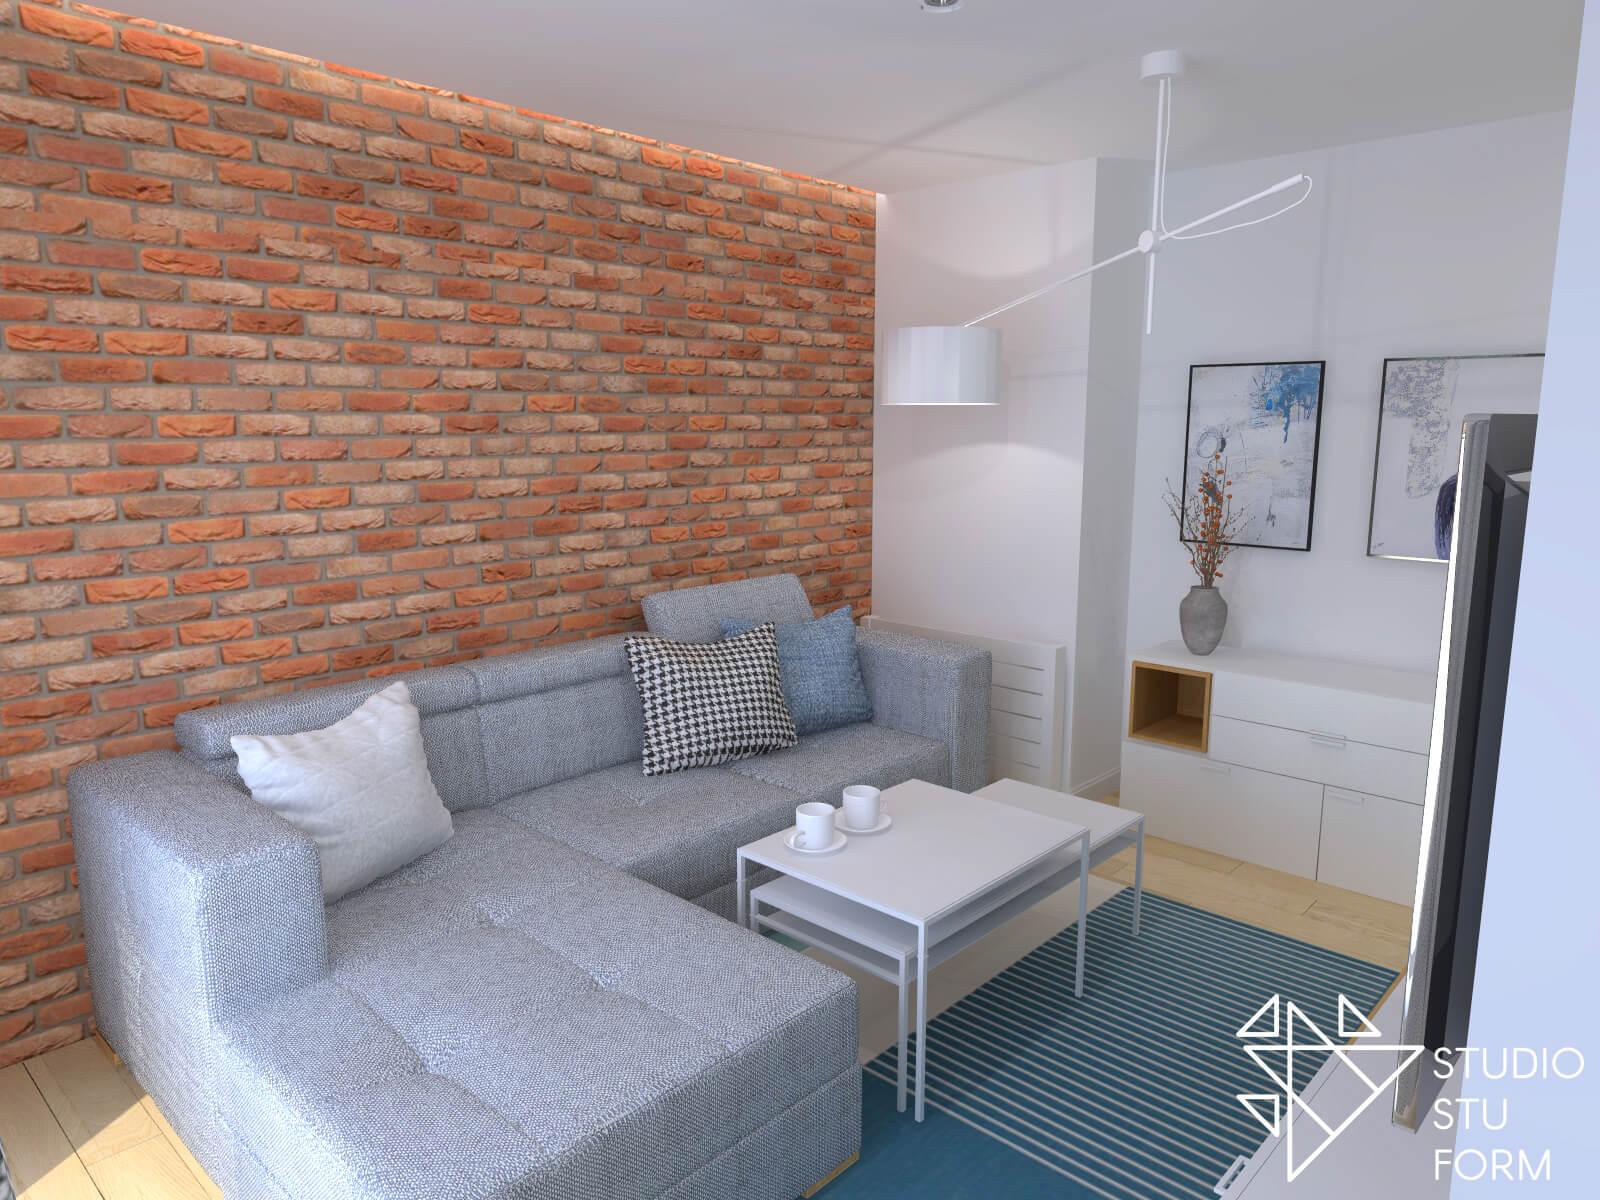 Salon z ceglaną ścianą